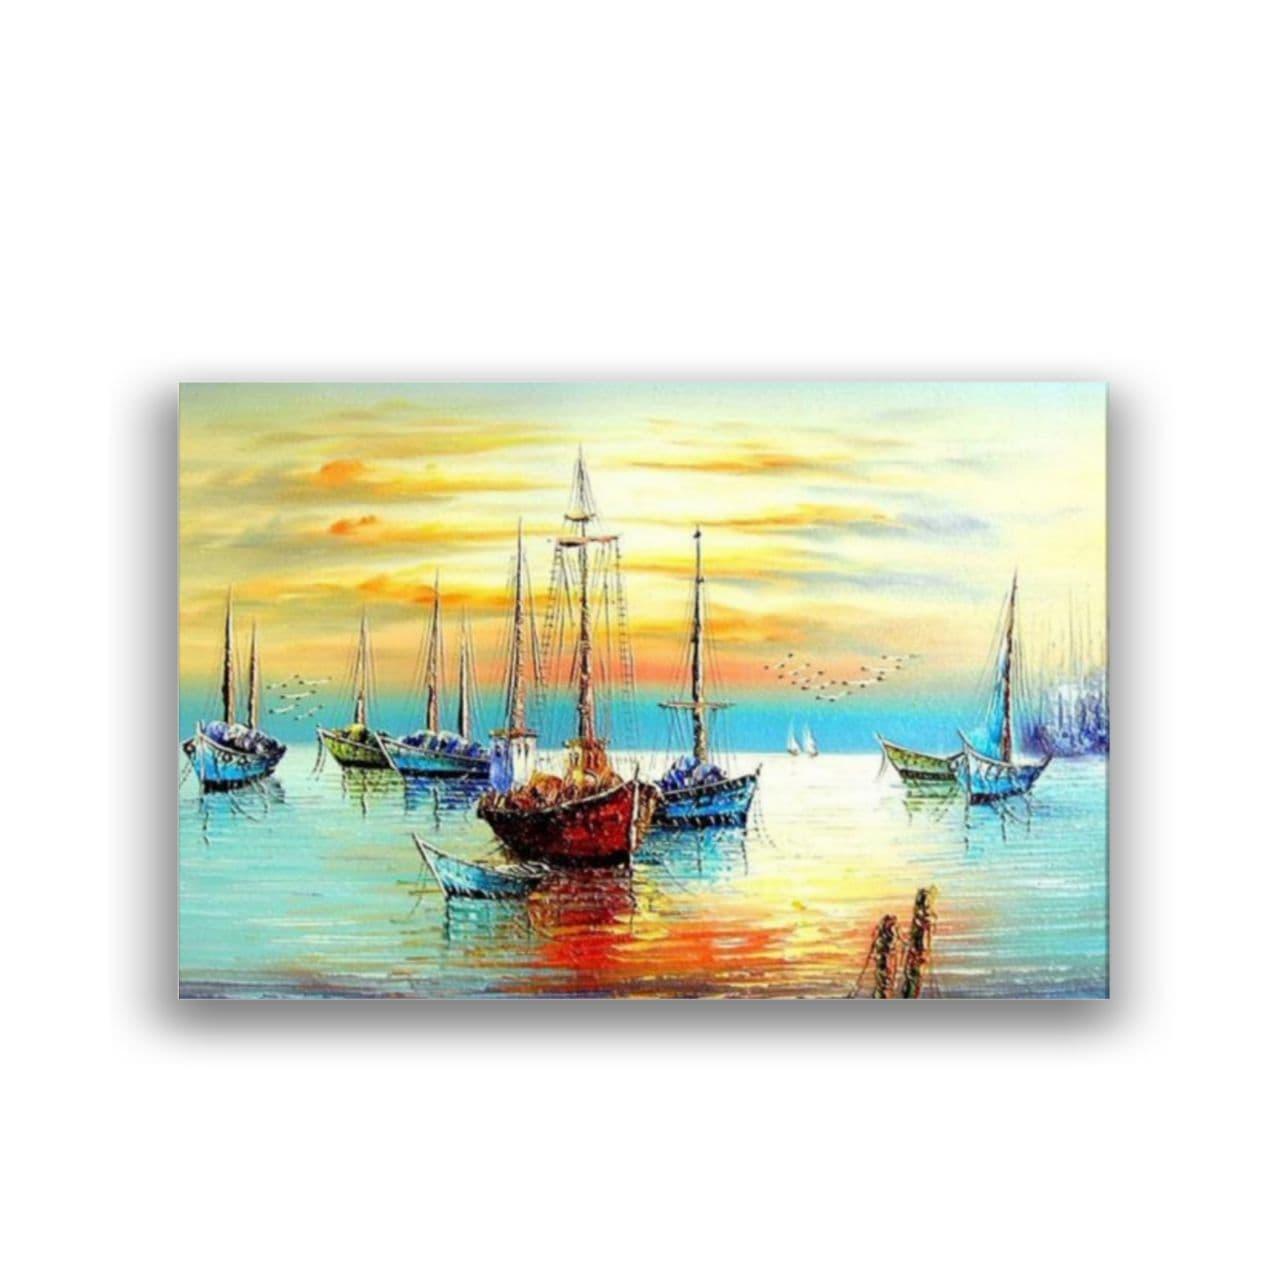 Bailed boats 1